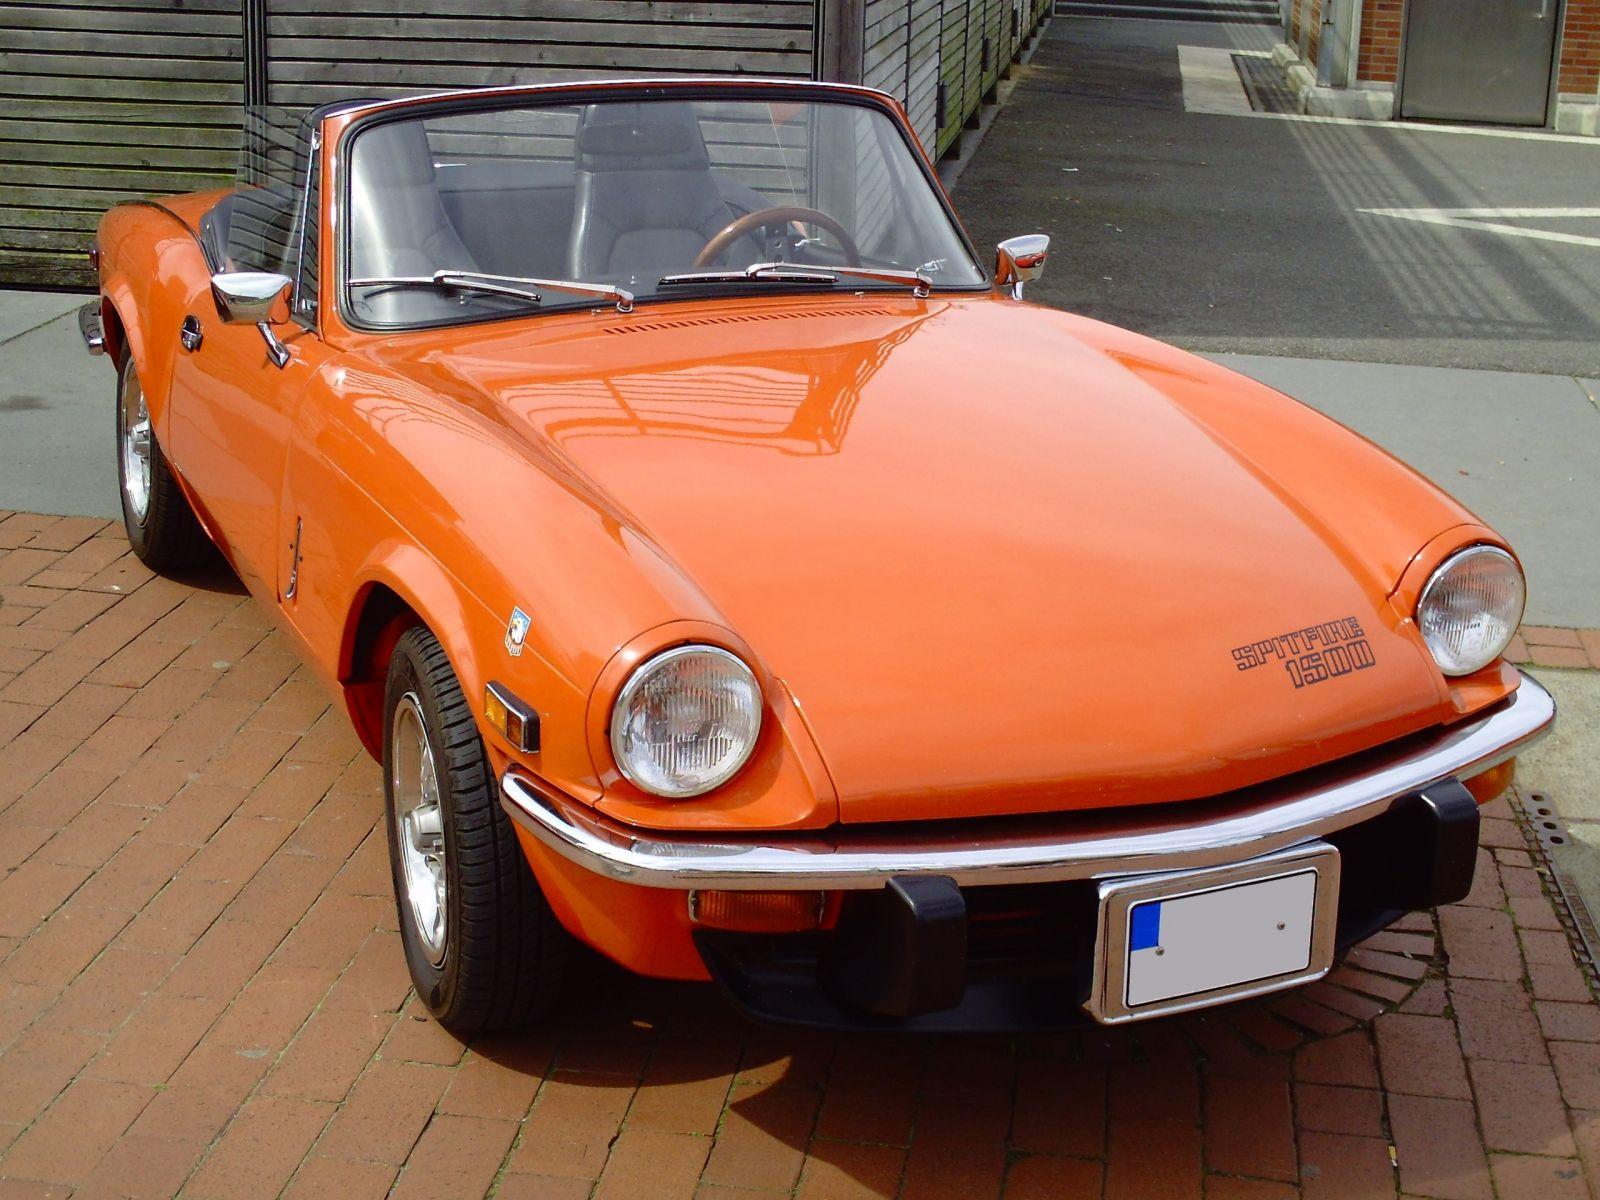 מכונית טריומף ספיטפייר פתוחה (צילום: Tvabutzku1234, רישיון CC)